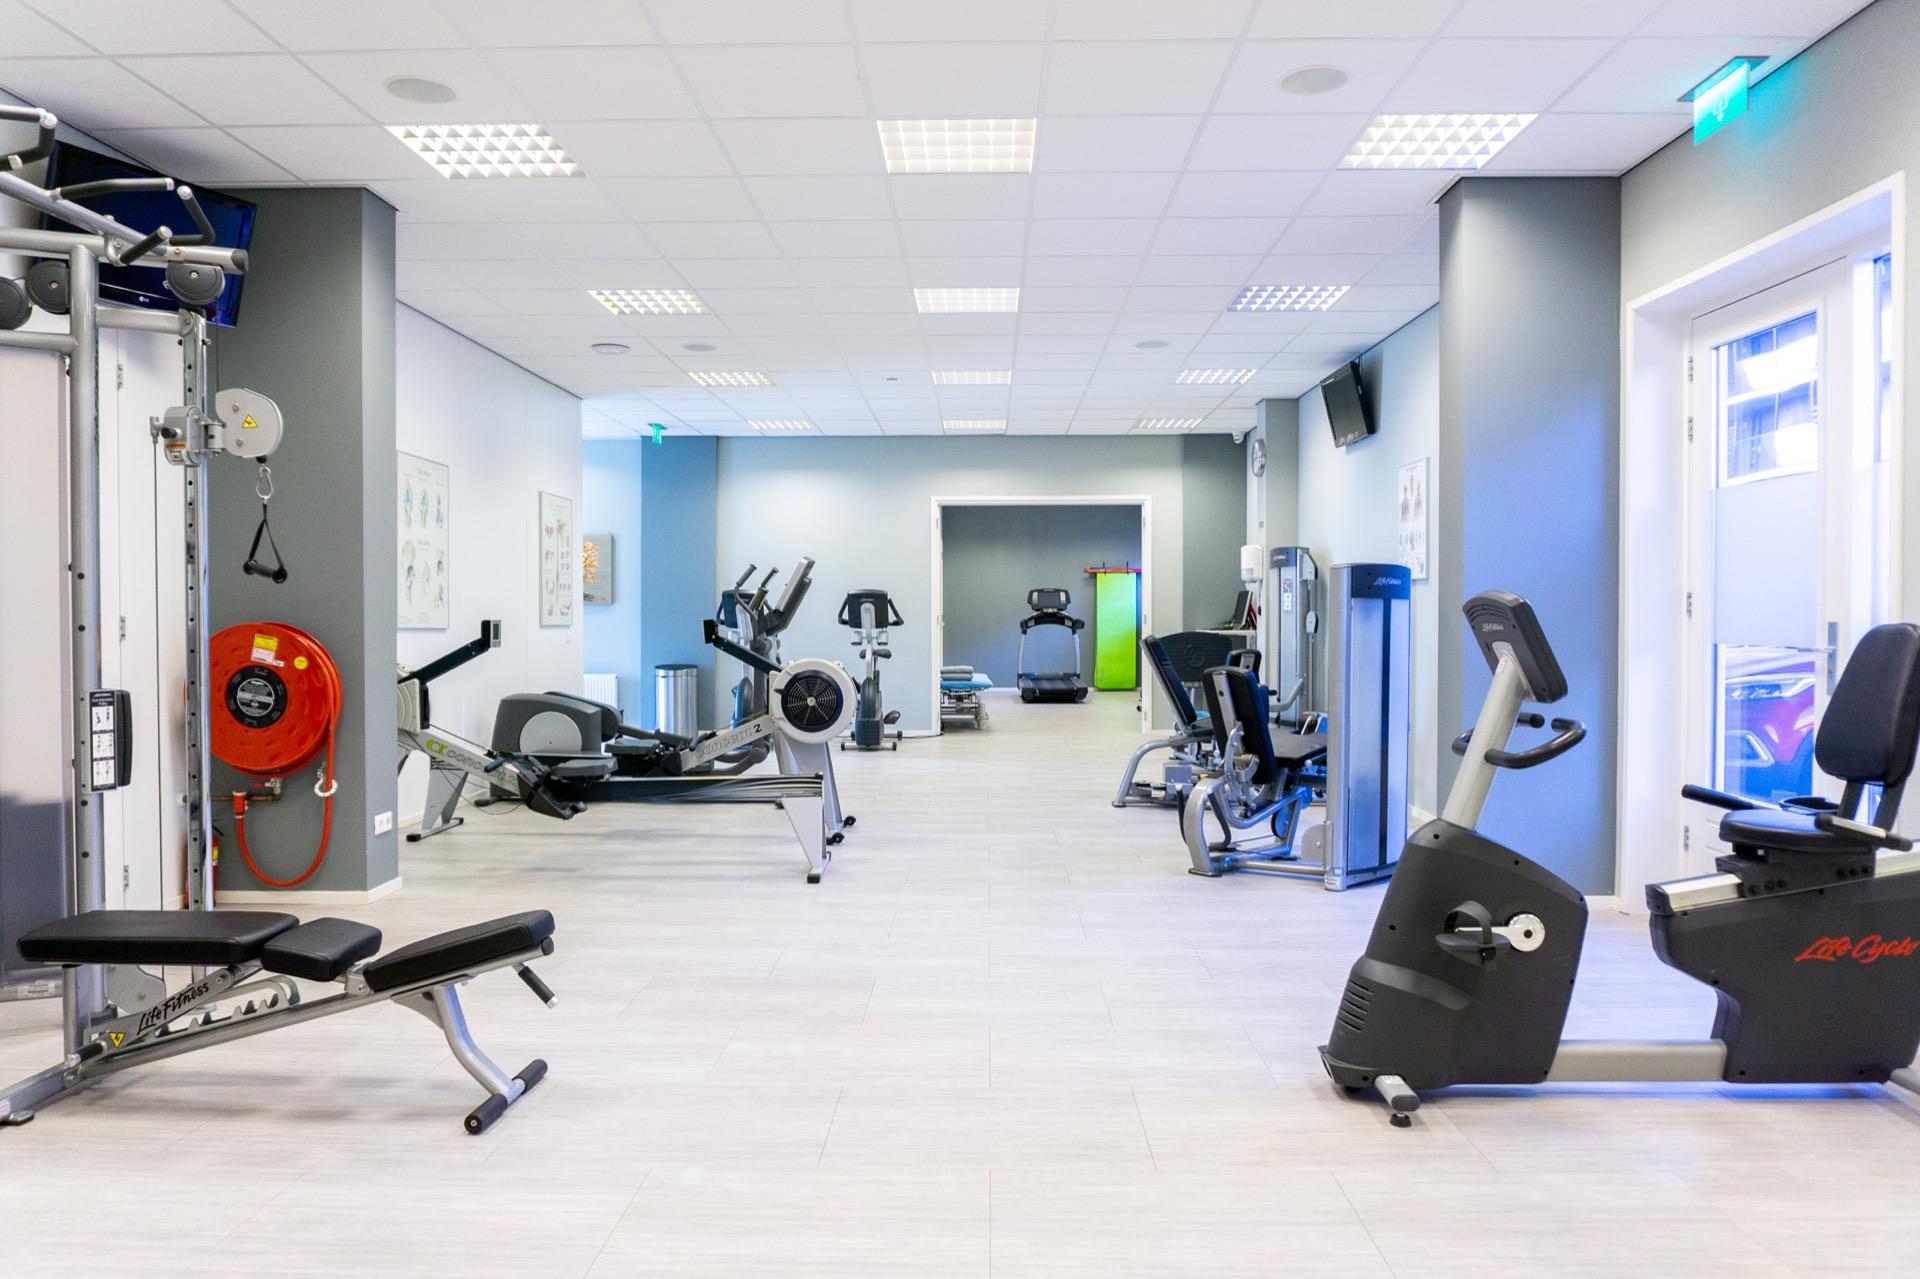 Fysiotherapie centrum poortmolen locatie